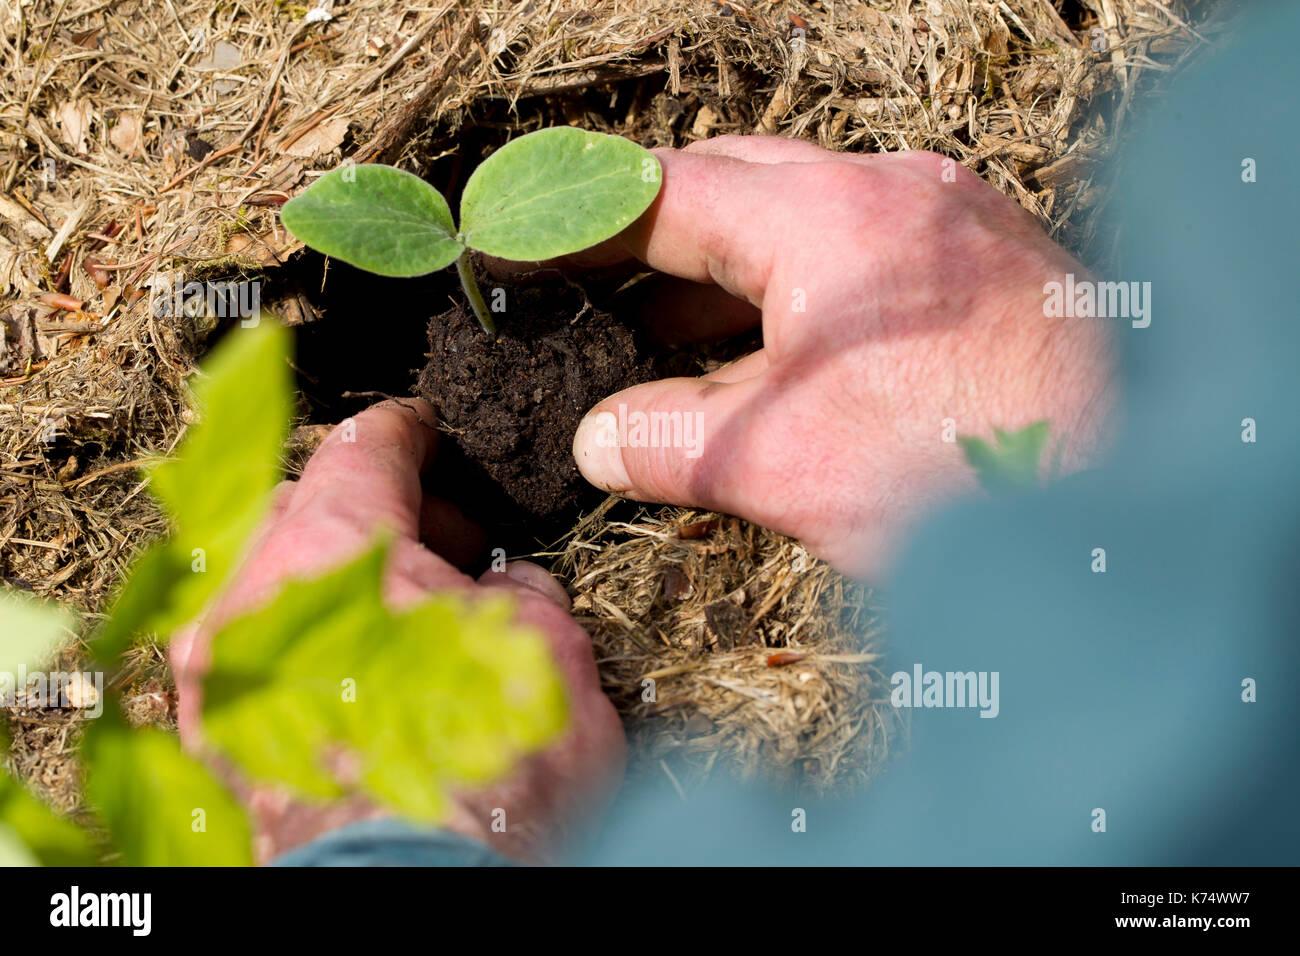 Jardinería: el hombre siembra una planta disparar Foto de stock